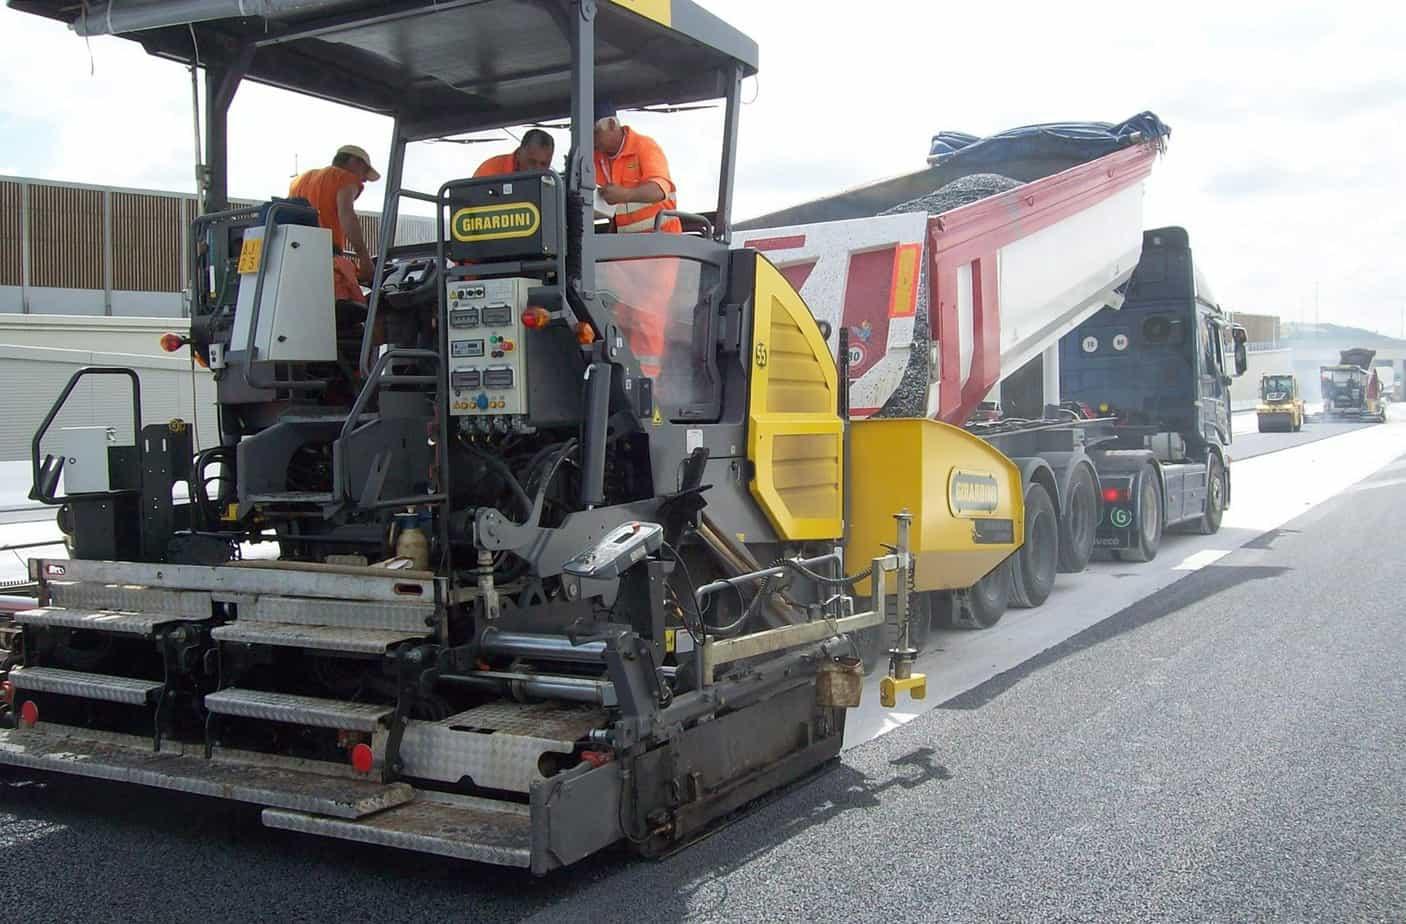 La potente trazione delle ruote tiene conto del carico di asfalto presente in tramoggia